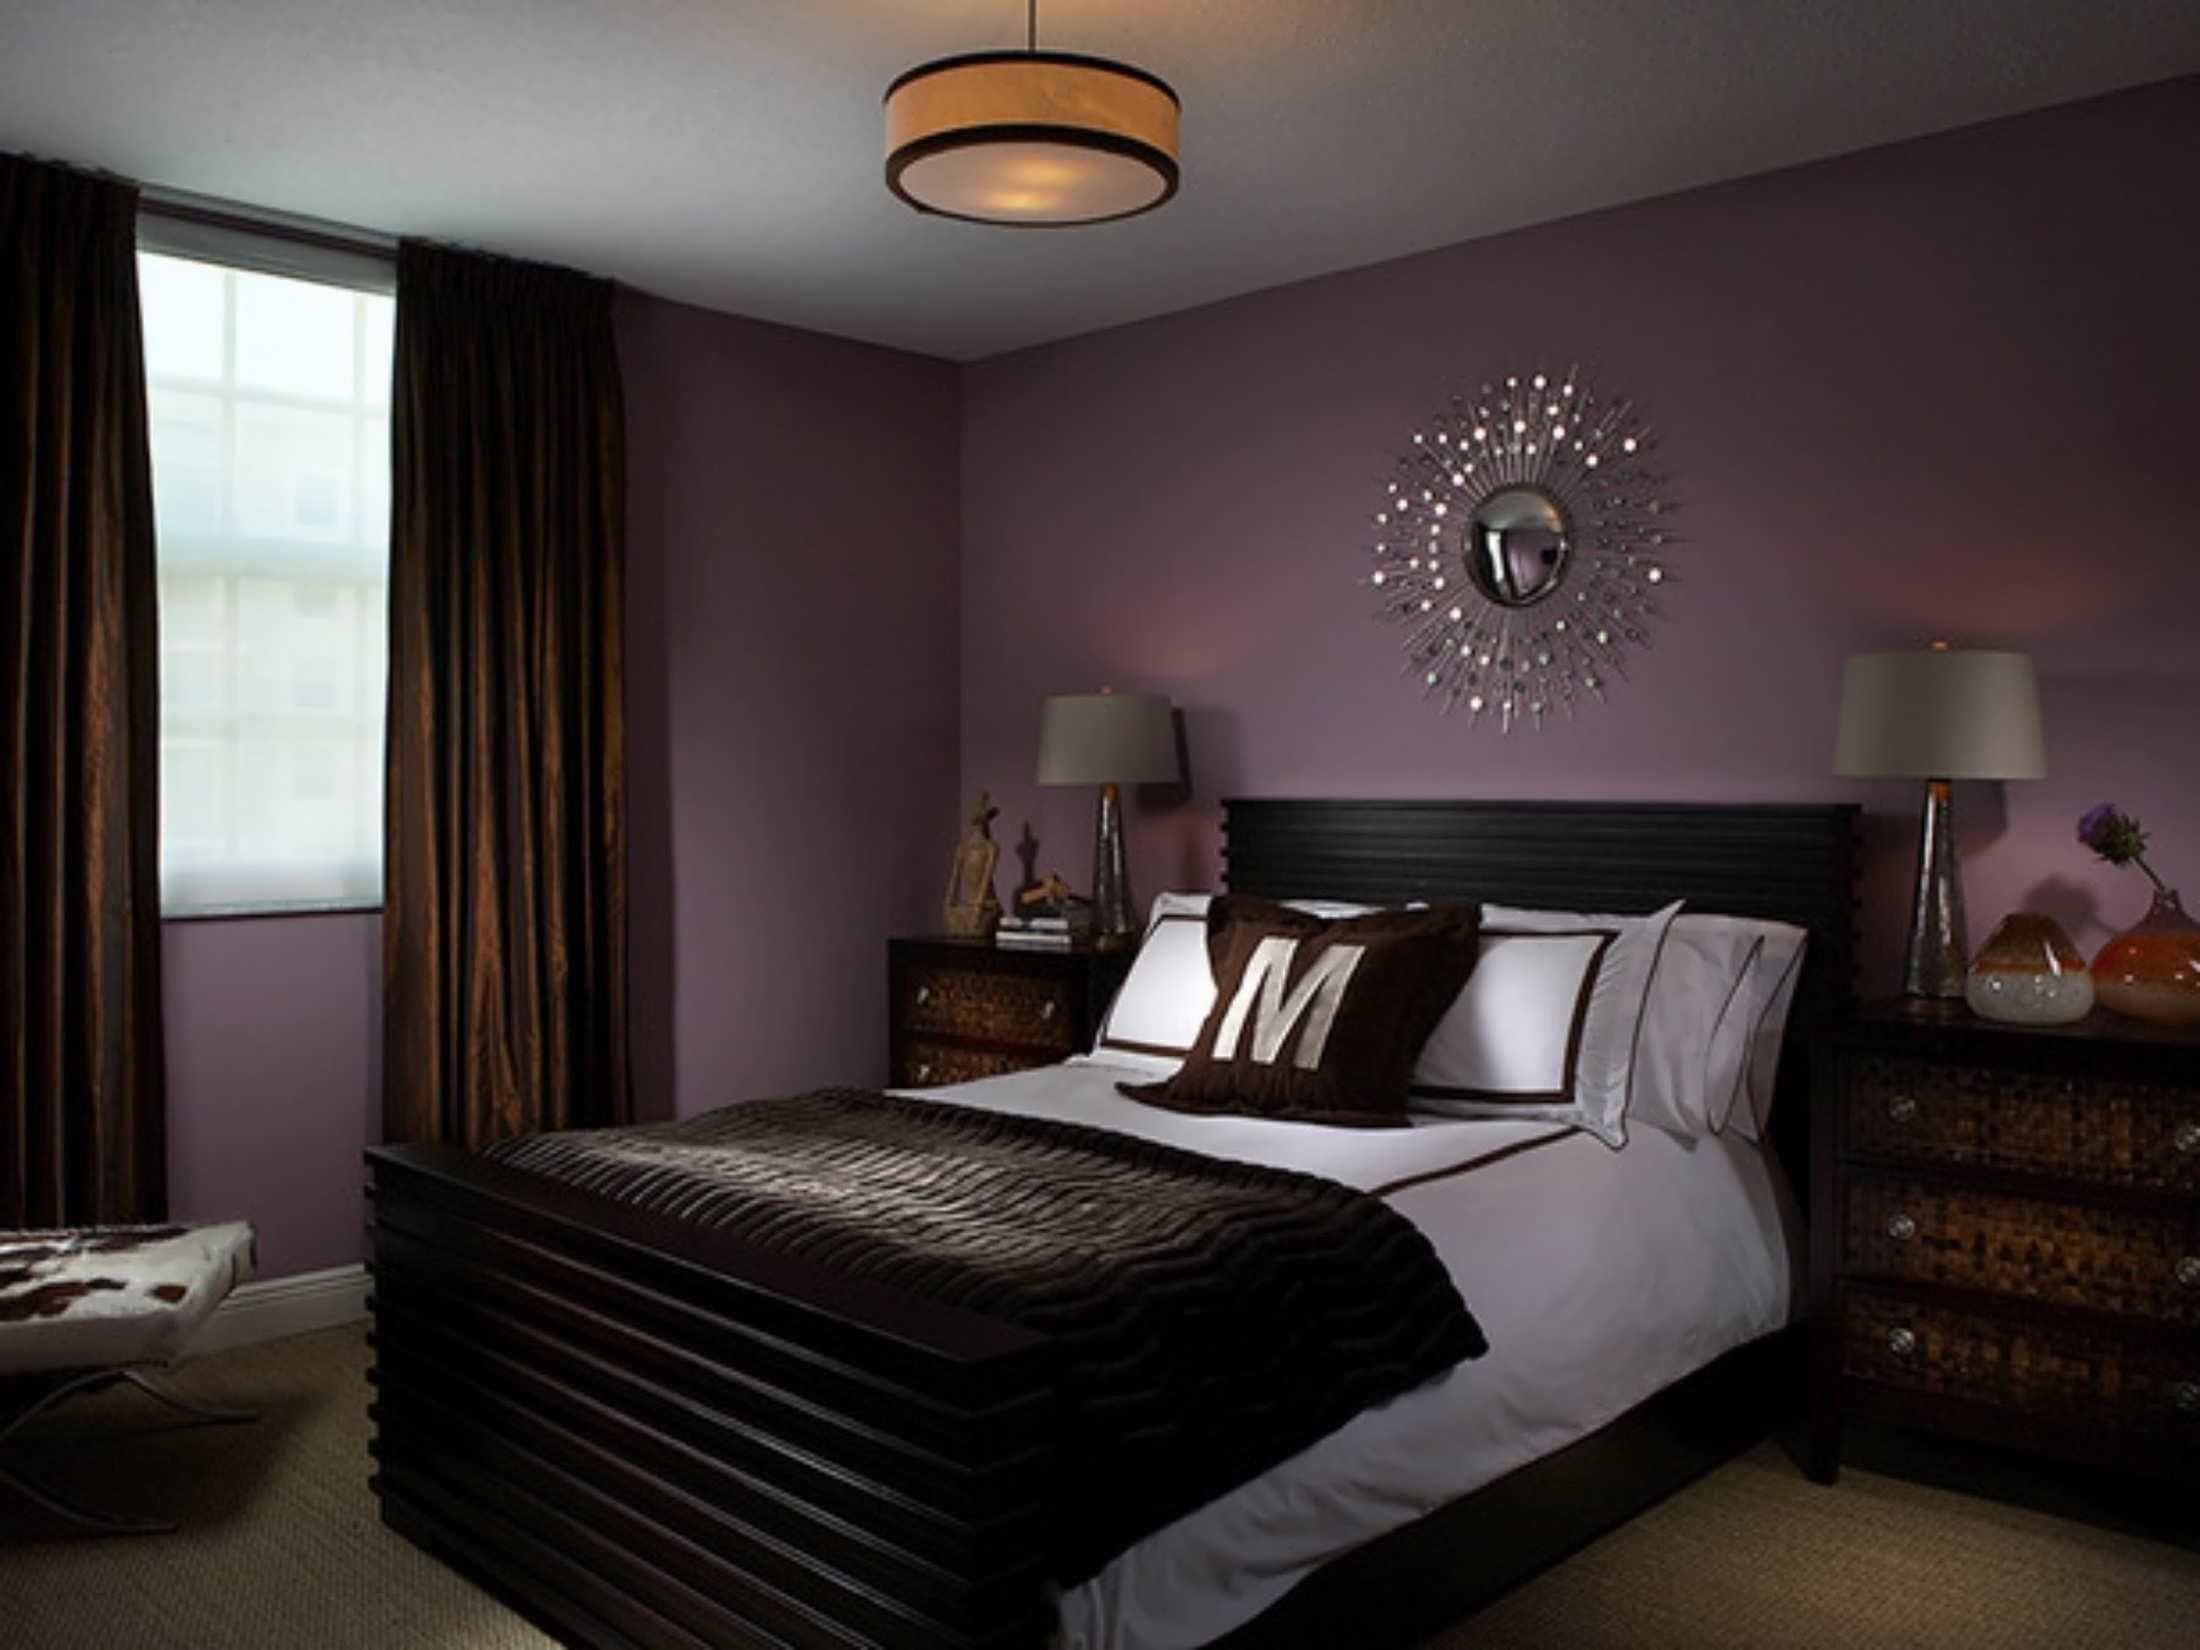 Trending Bedroom Concepts April 2019 Bedroom Paint Colors Master Bedroom Wall Colors Master Bedroom Colors